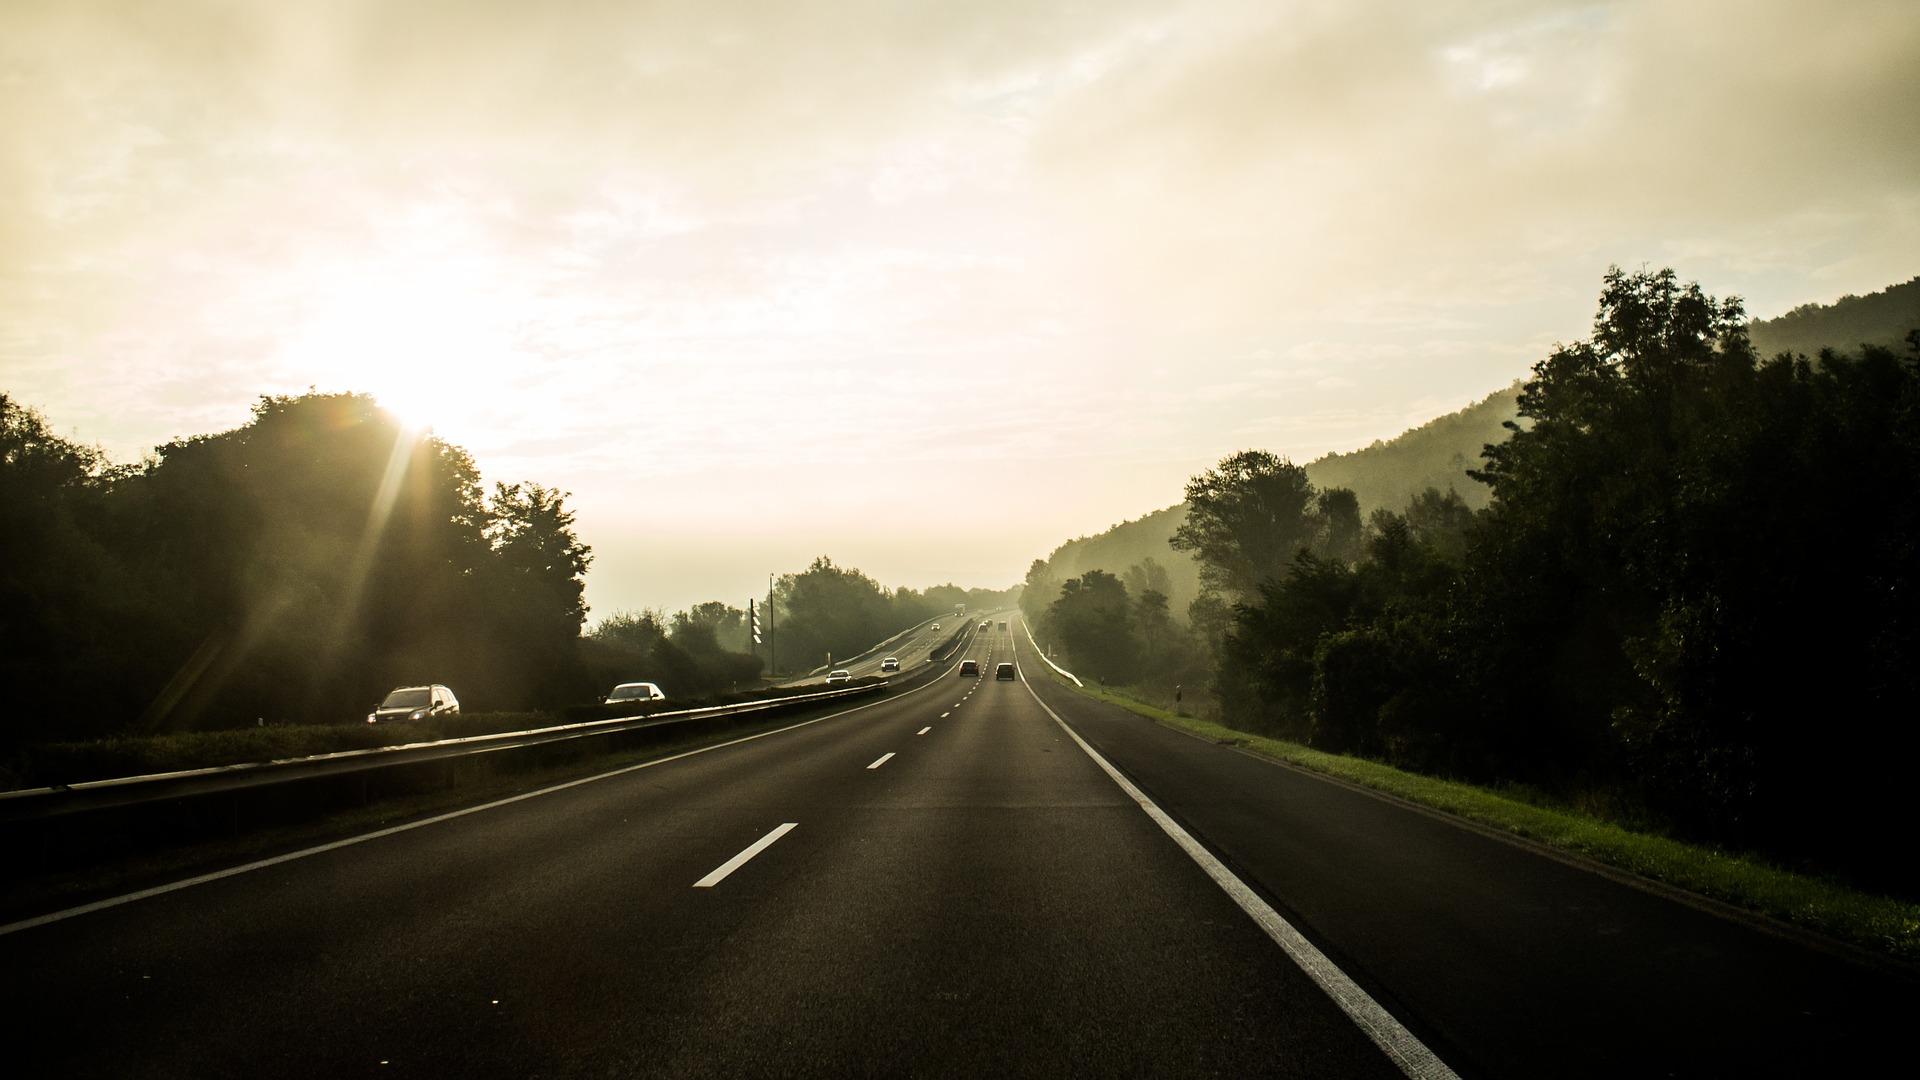 highway-723542_1920